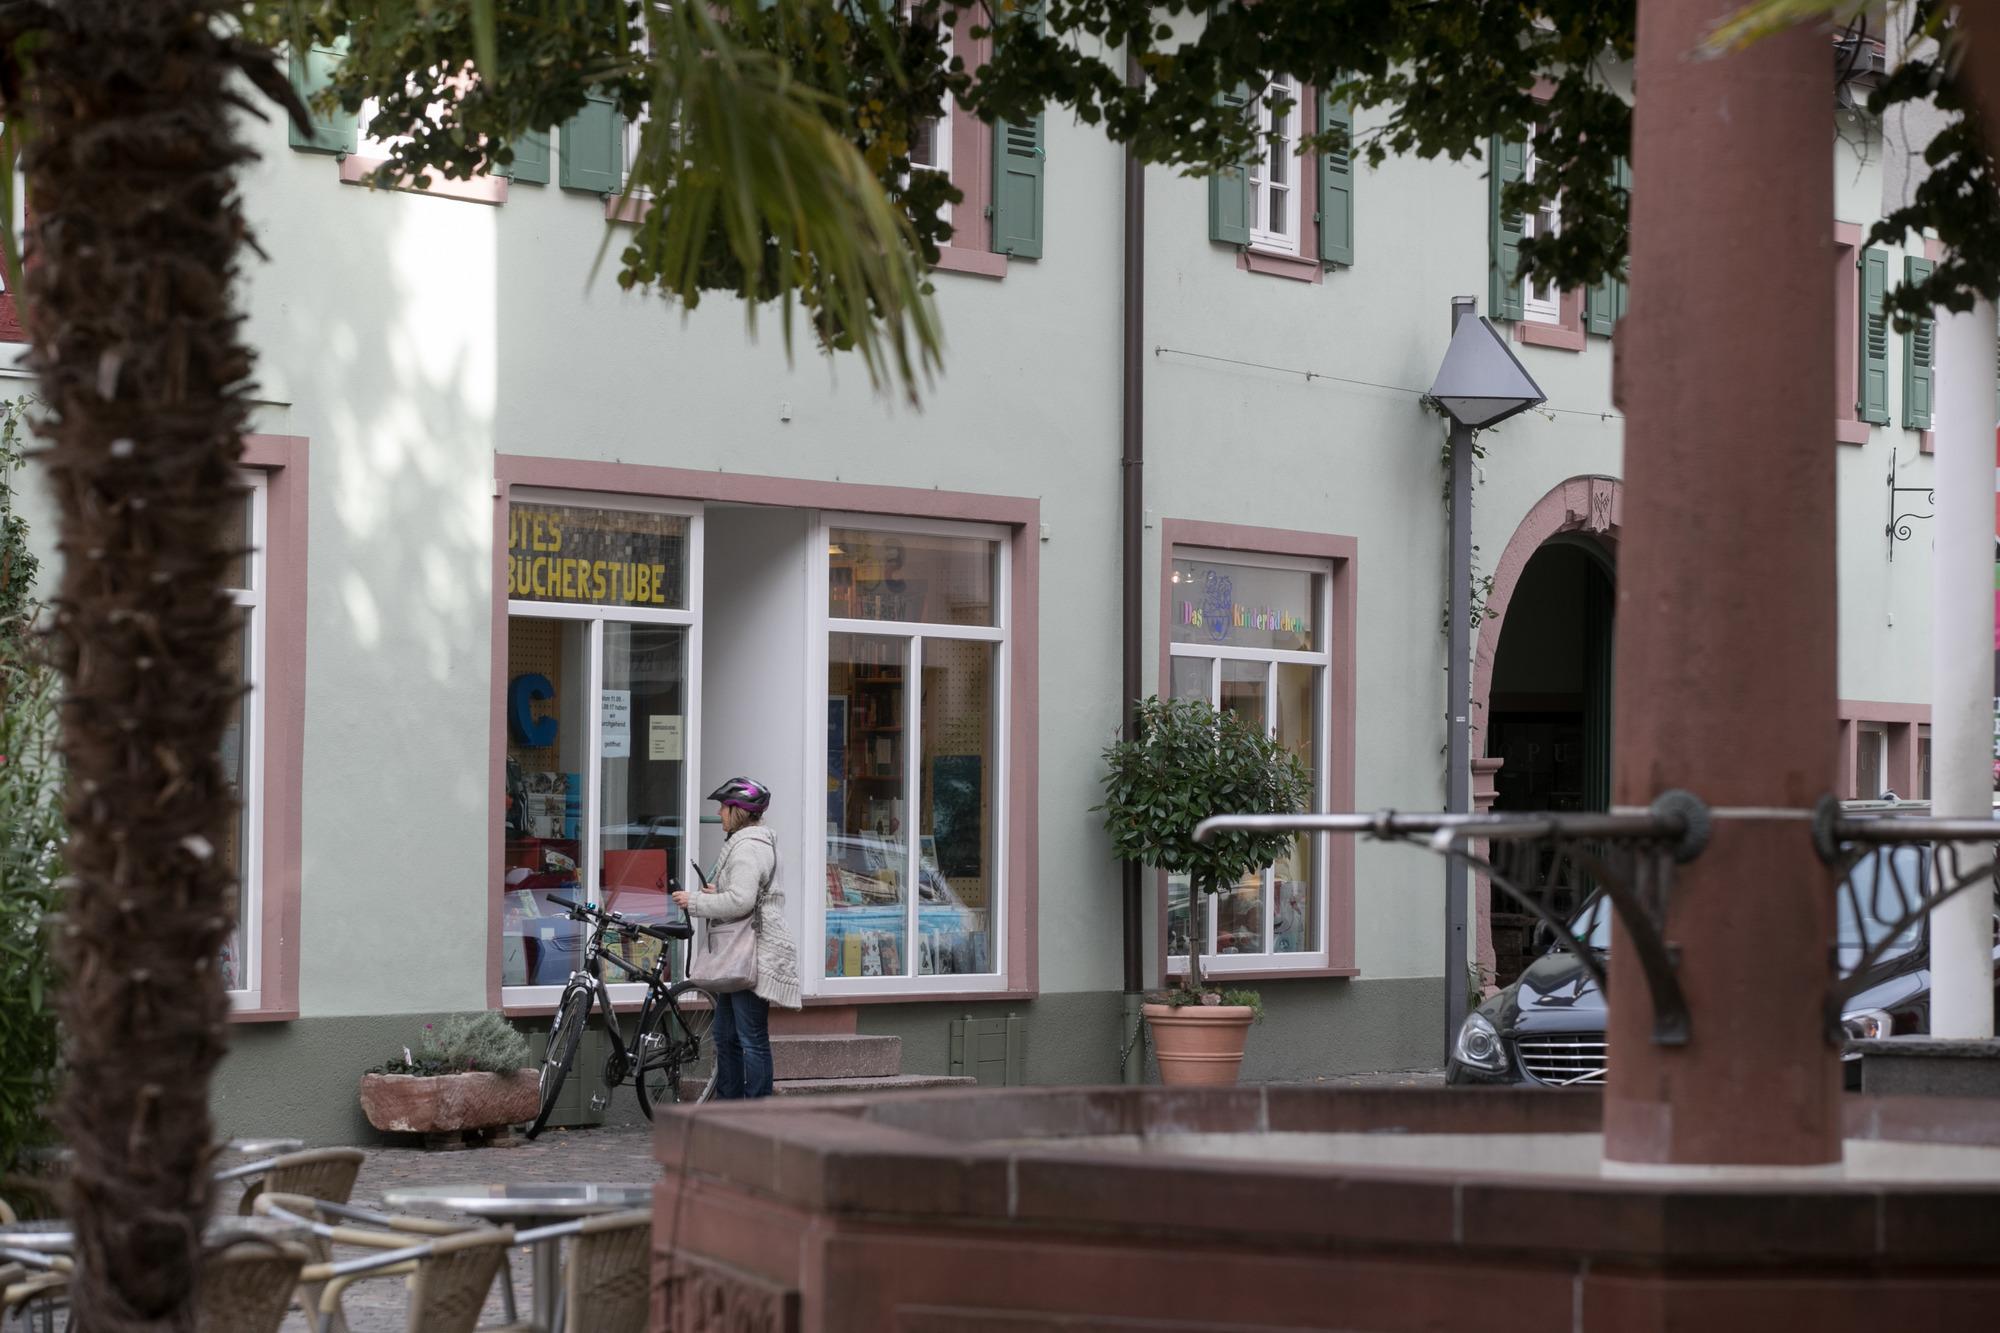 einzelhandel in schriesheim wenig platz f r viele ideen bergstra e rhein neckar zeitung. Black Bedroom Furniture Sets. Home Design Ideas